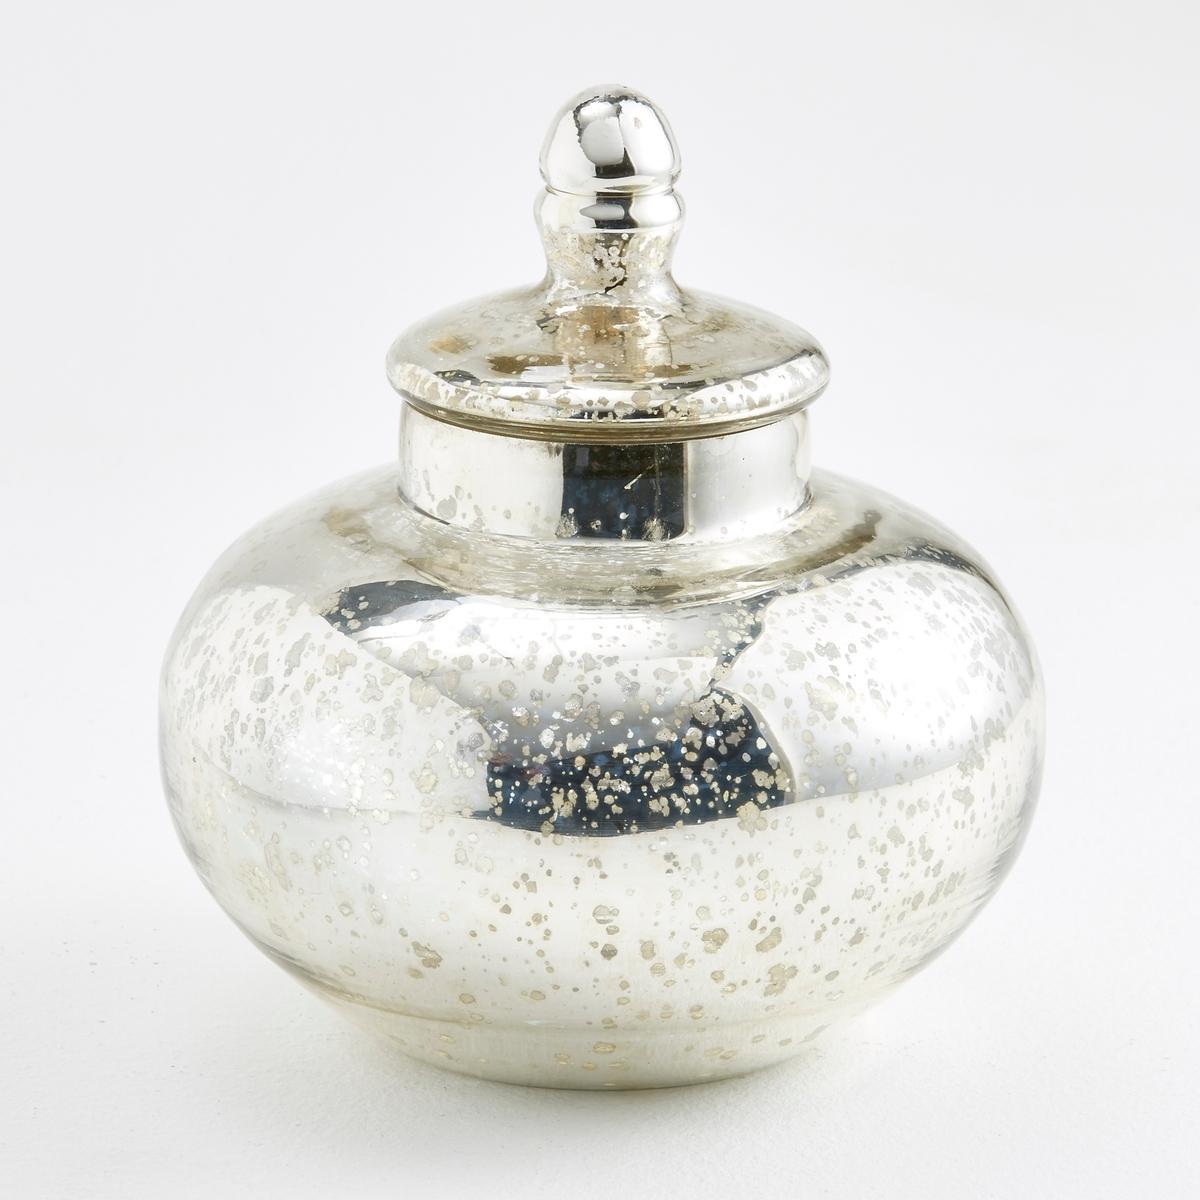 Декоративная бутыль из ртутного стекла Elda от La Redoute